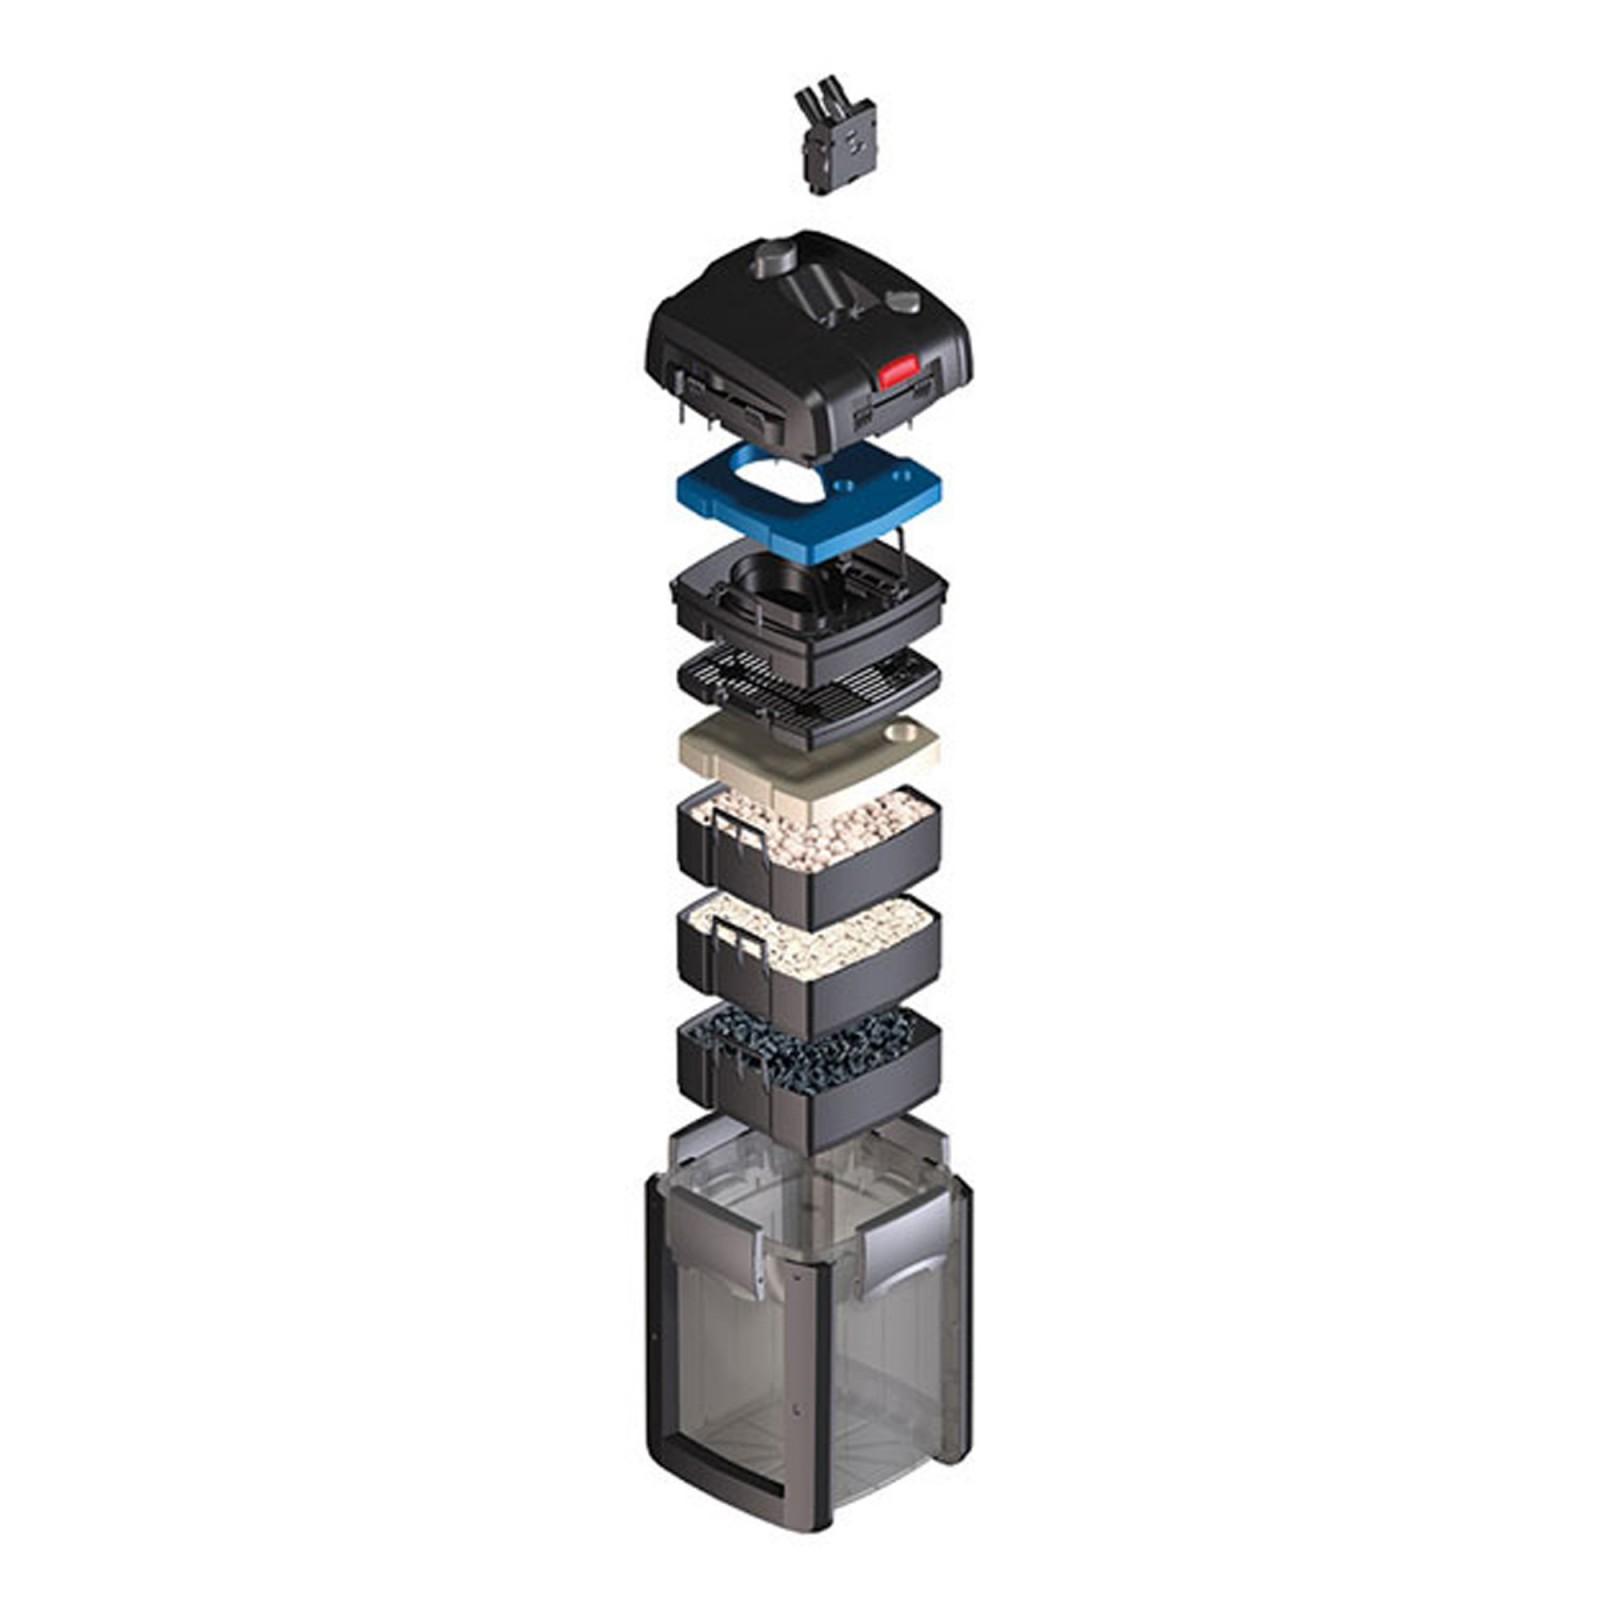 Eheim Filtro Esterno Professionel 4+ 350 2273 - 1050 l/h Completo di Mat filtran